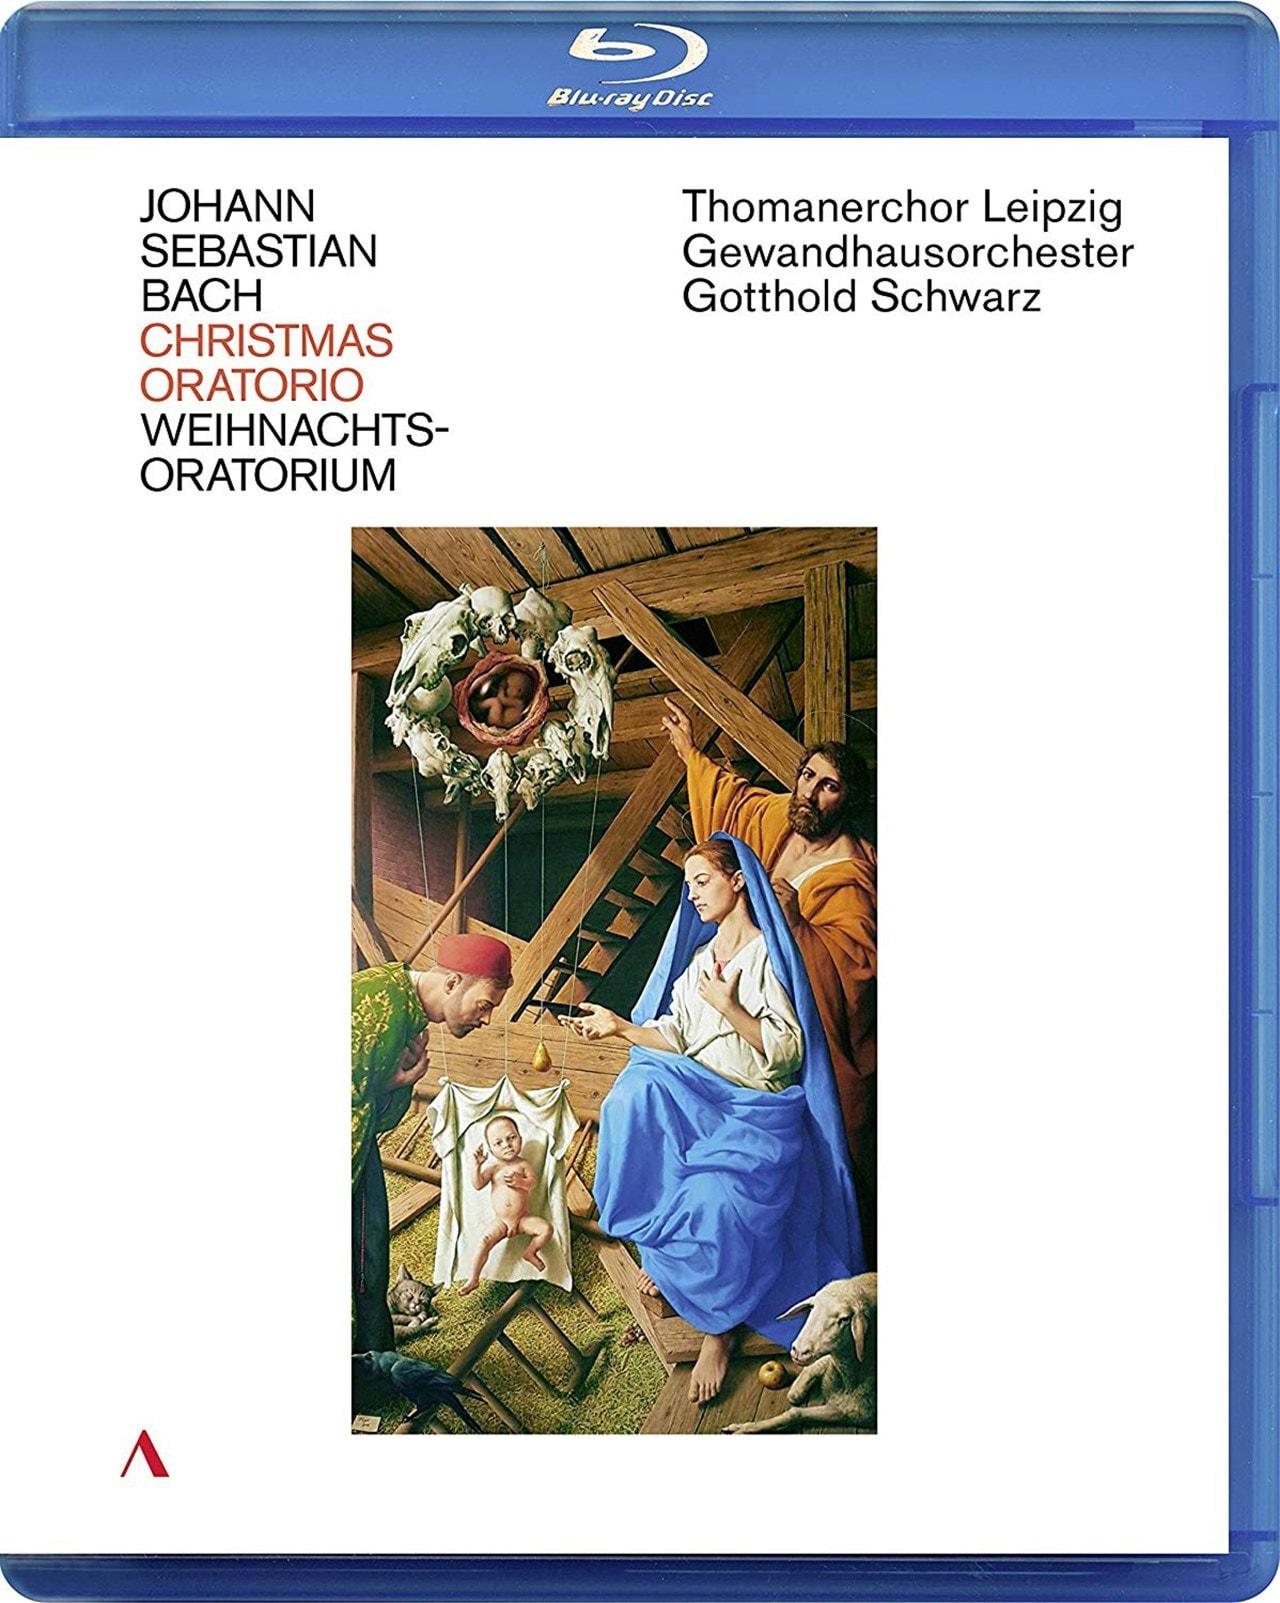 Christmas Oratorio: Gewandhausorchester (Schwarz) - 1